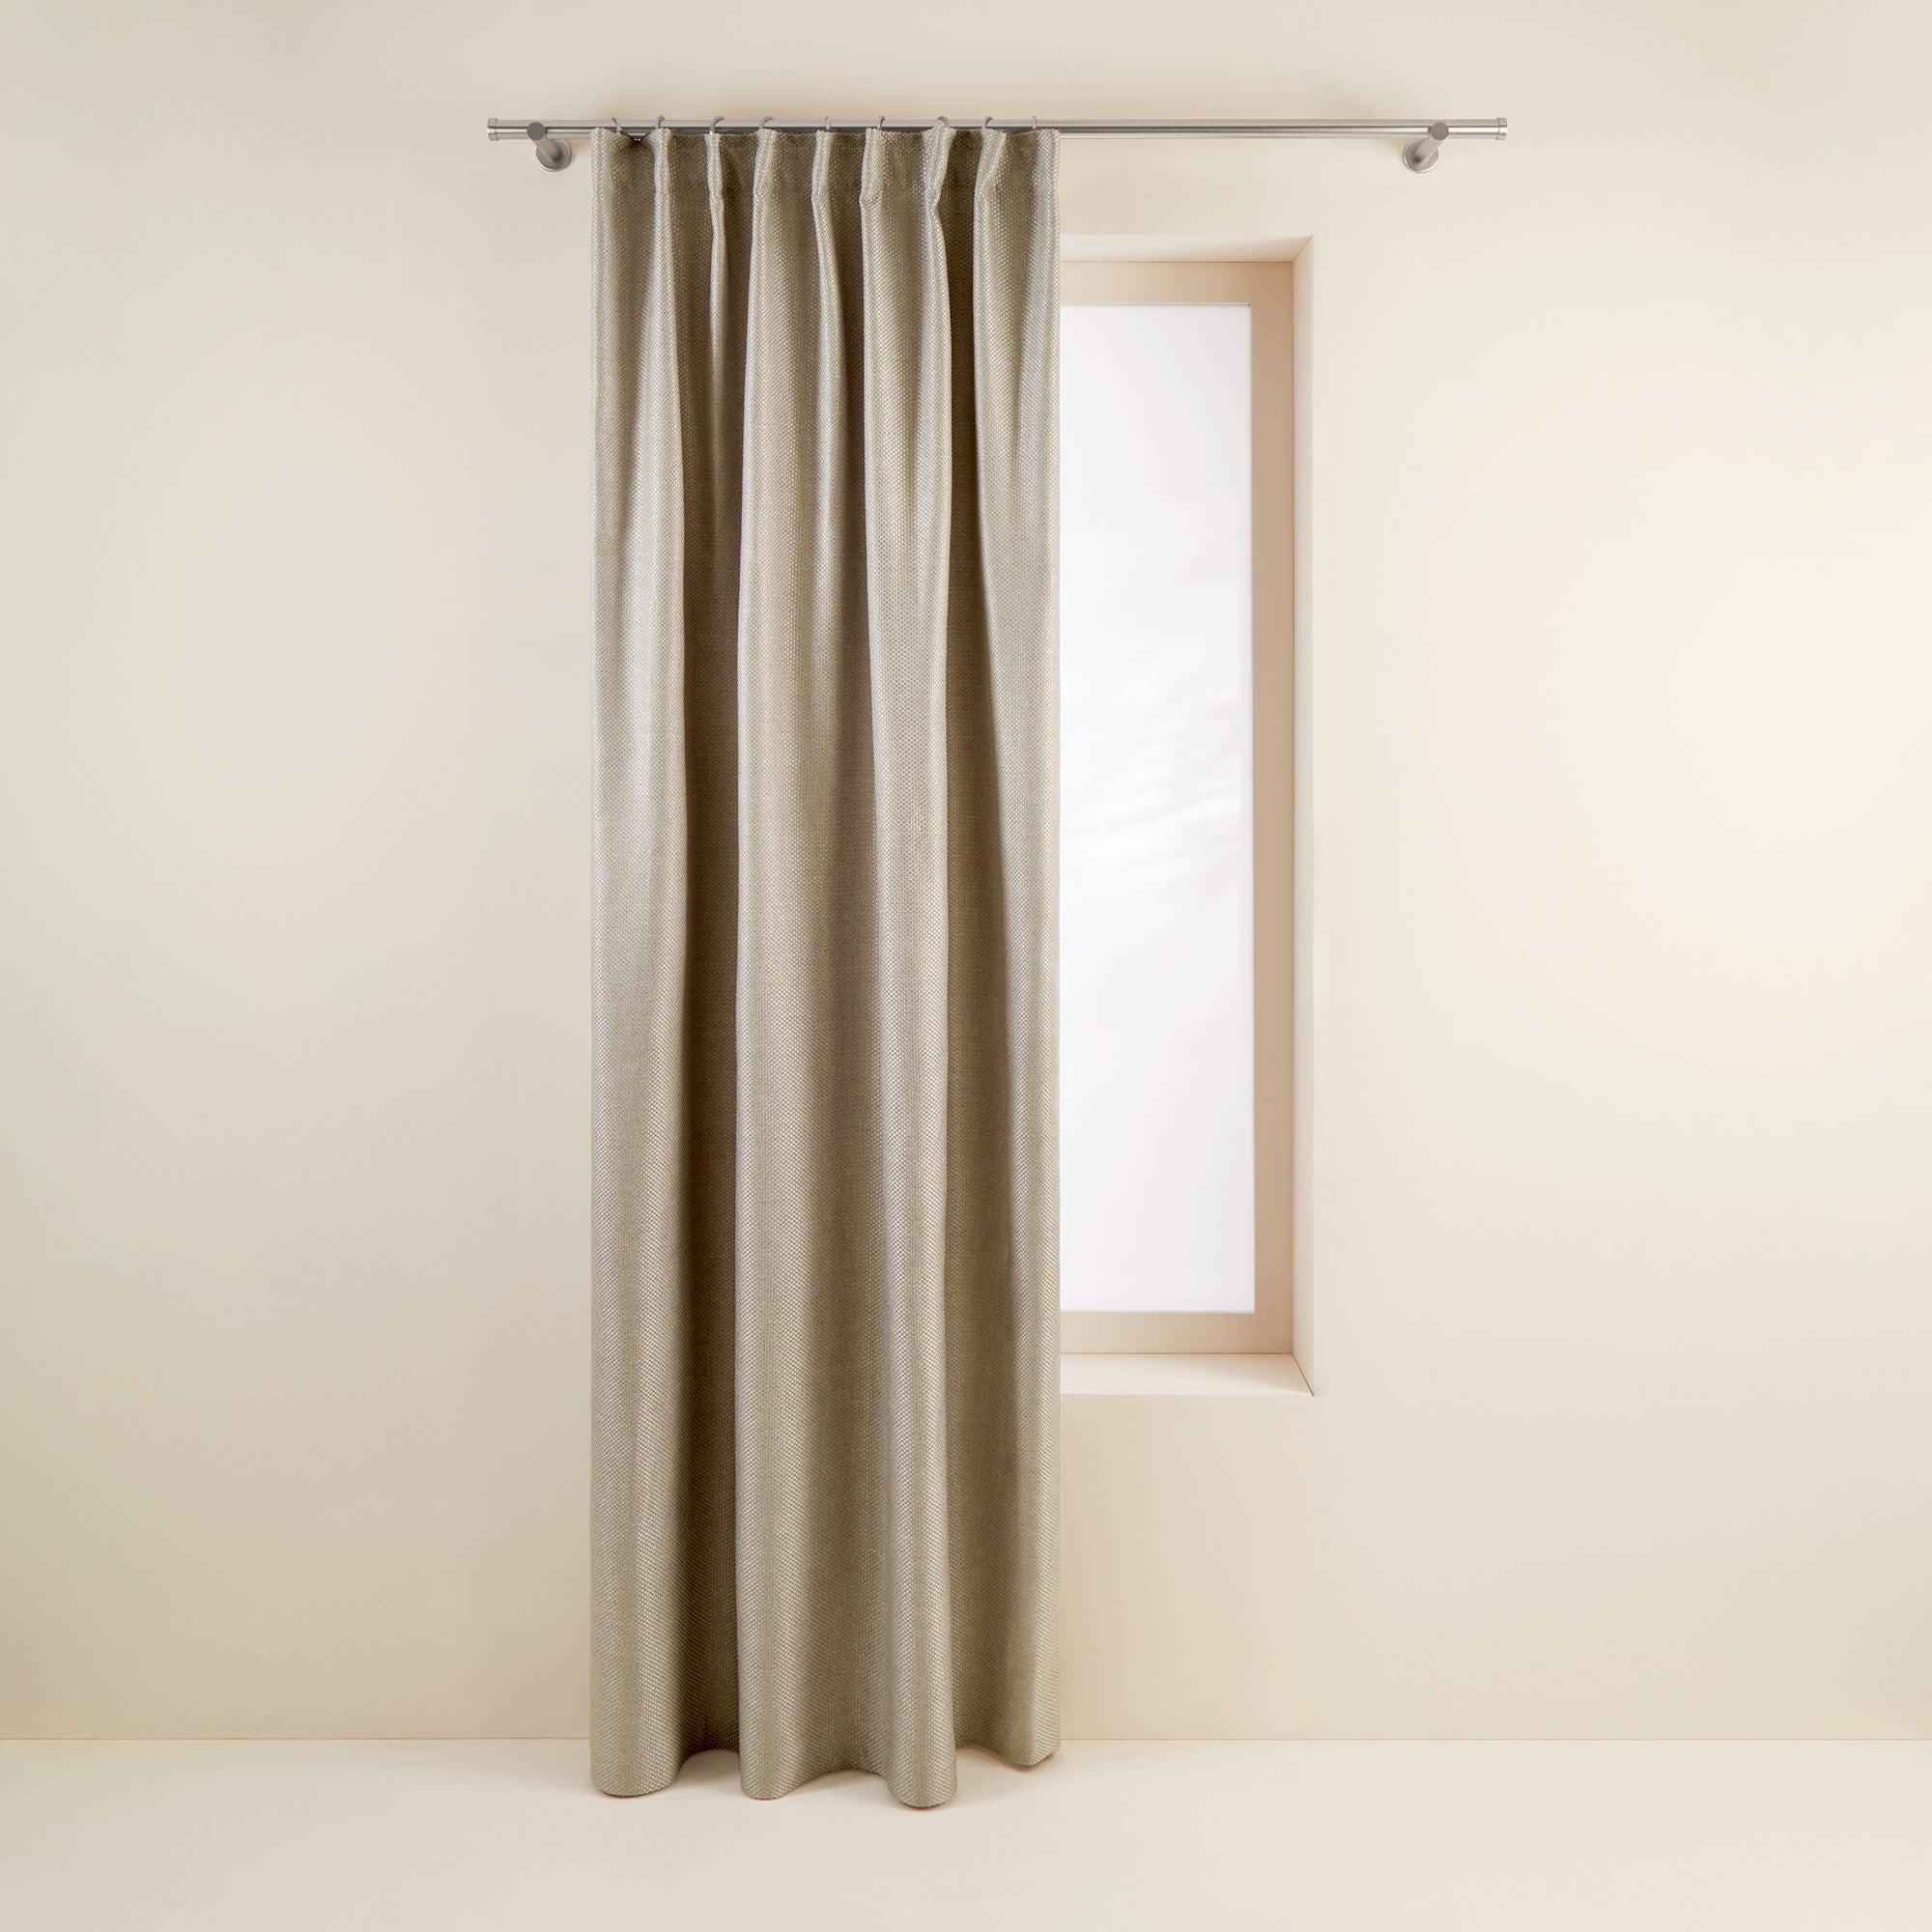 Rideau à ruban fronceur 145x220 cm Beige clair